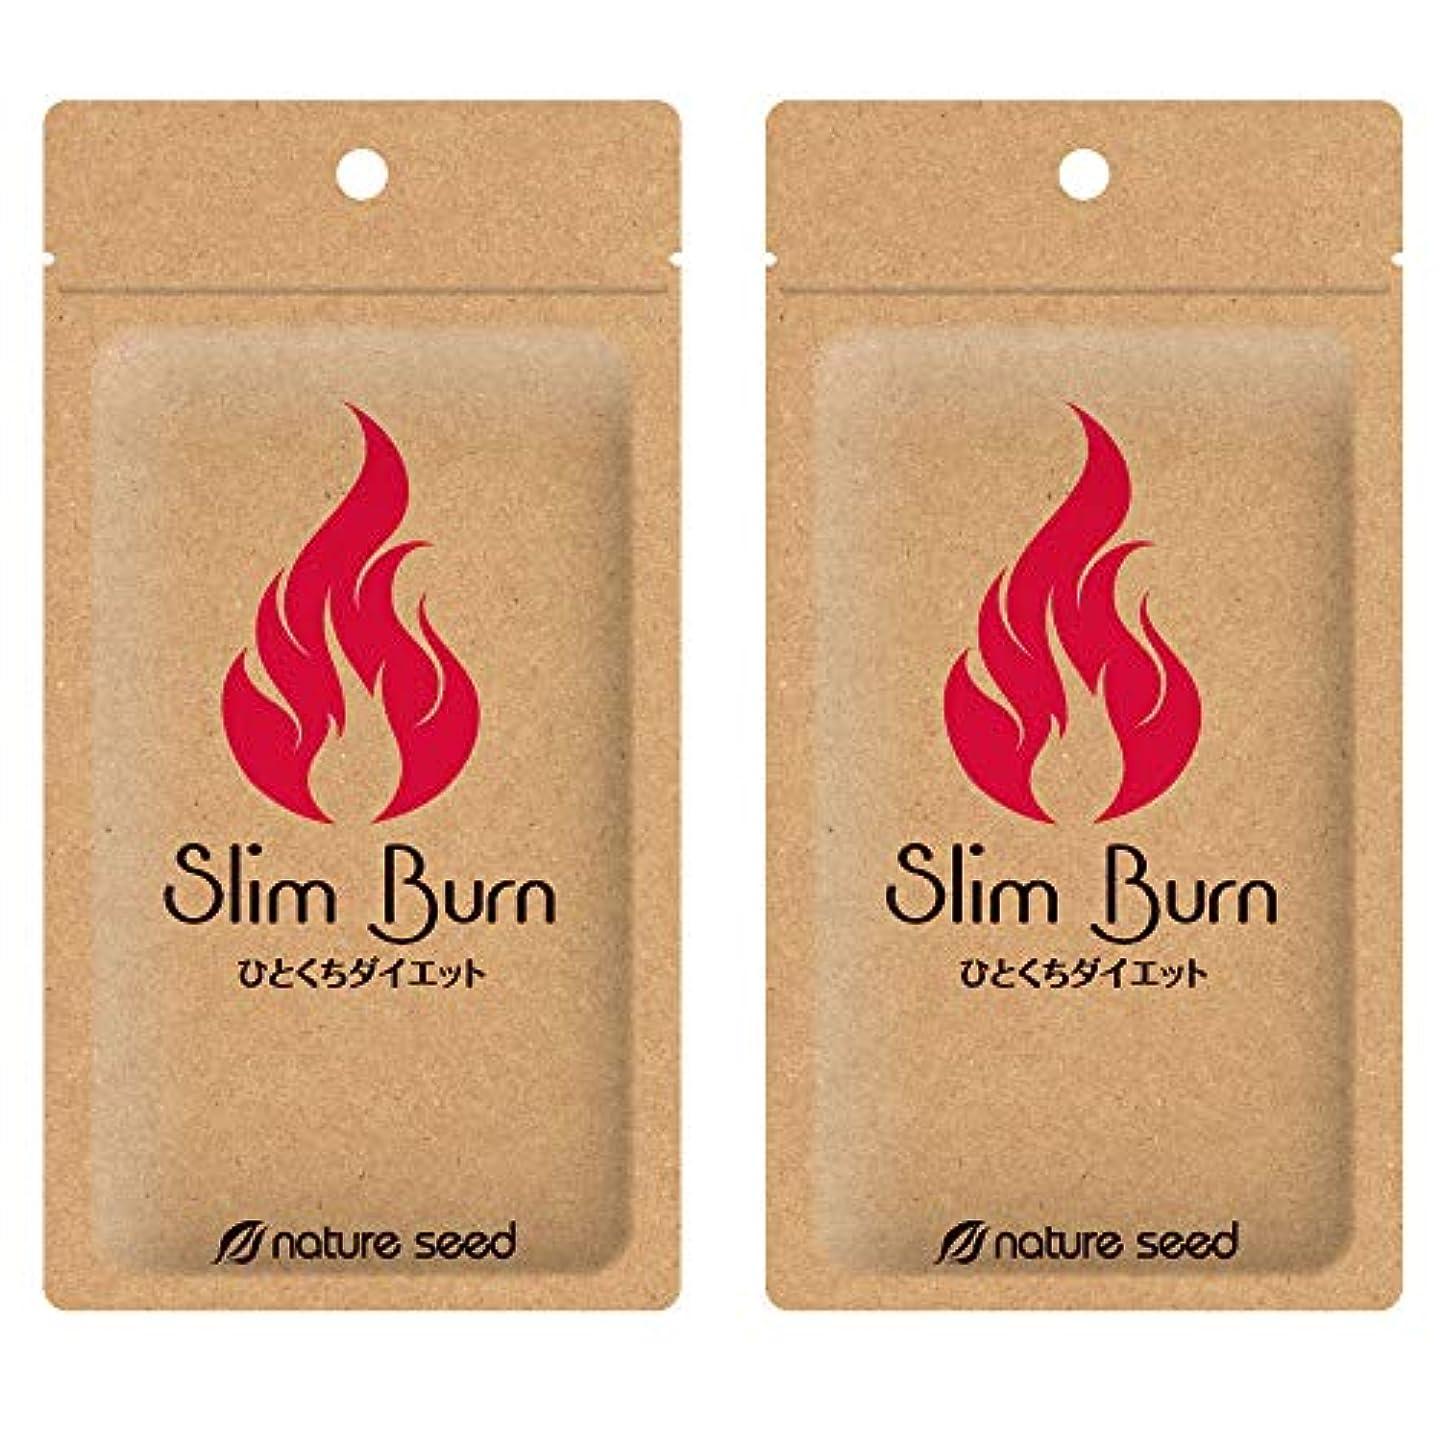 ぬるい被る吐き出す[燃焼サプリ]ダイエット 脂肪燃焼 くびれメイクをサポート サプリメント スリムバーン 2袋(約60日分)